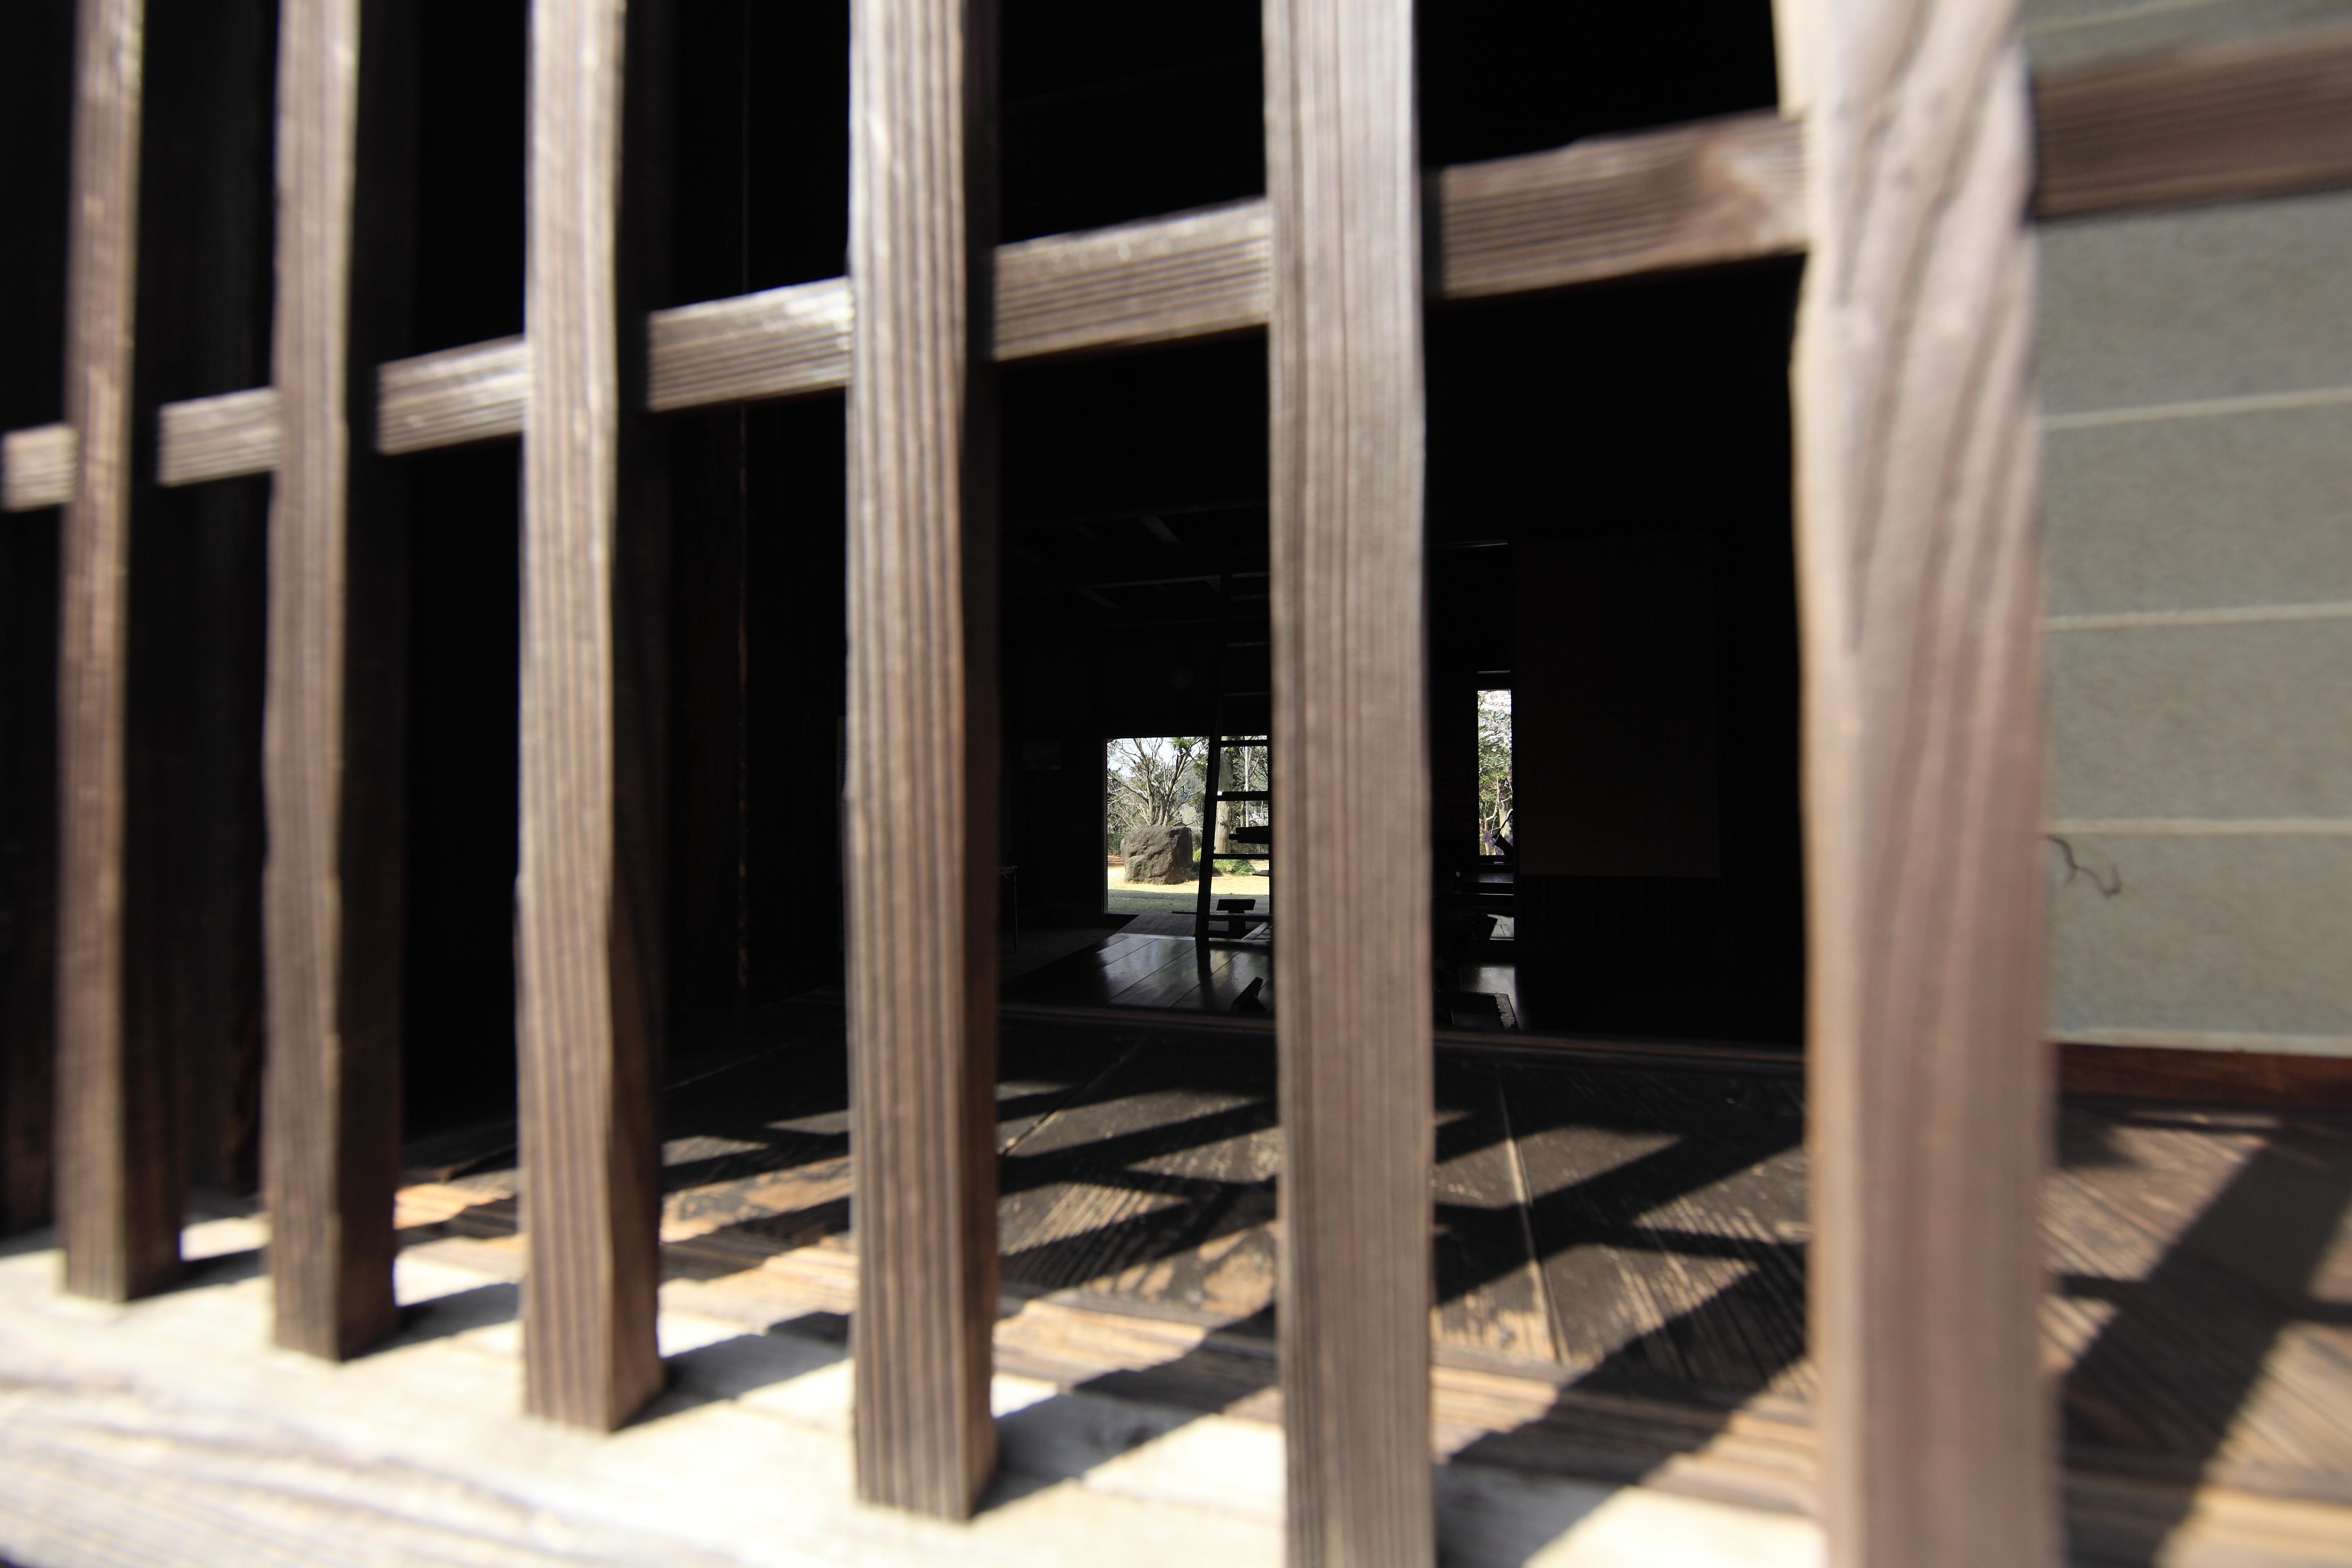 Images Gratuites : Structure, Bois, Ferme, Maison, Fenêtre, Colonne, Haute,  Parc, Extérieur, Meubles, Design Du0027intérieur, Rampe, Conception, Japonais,  ...